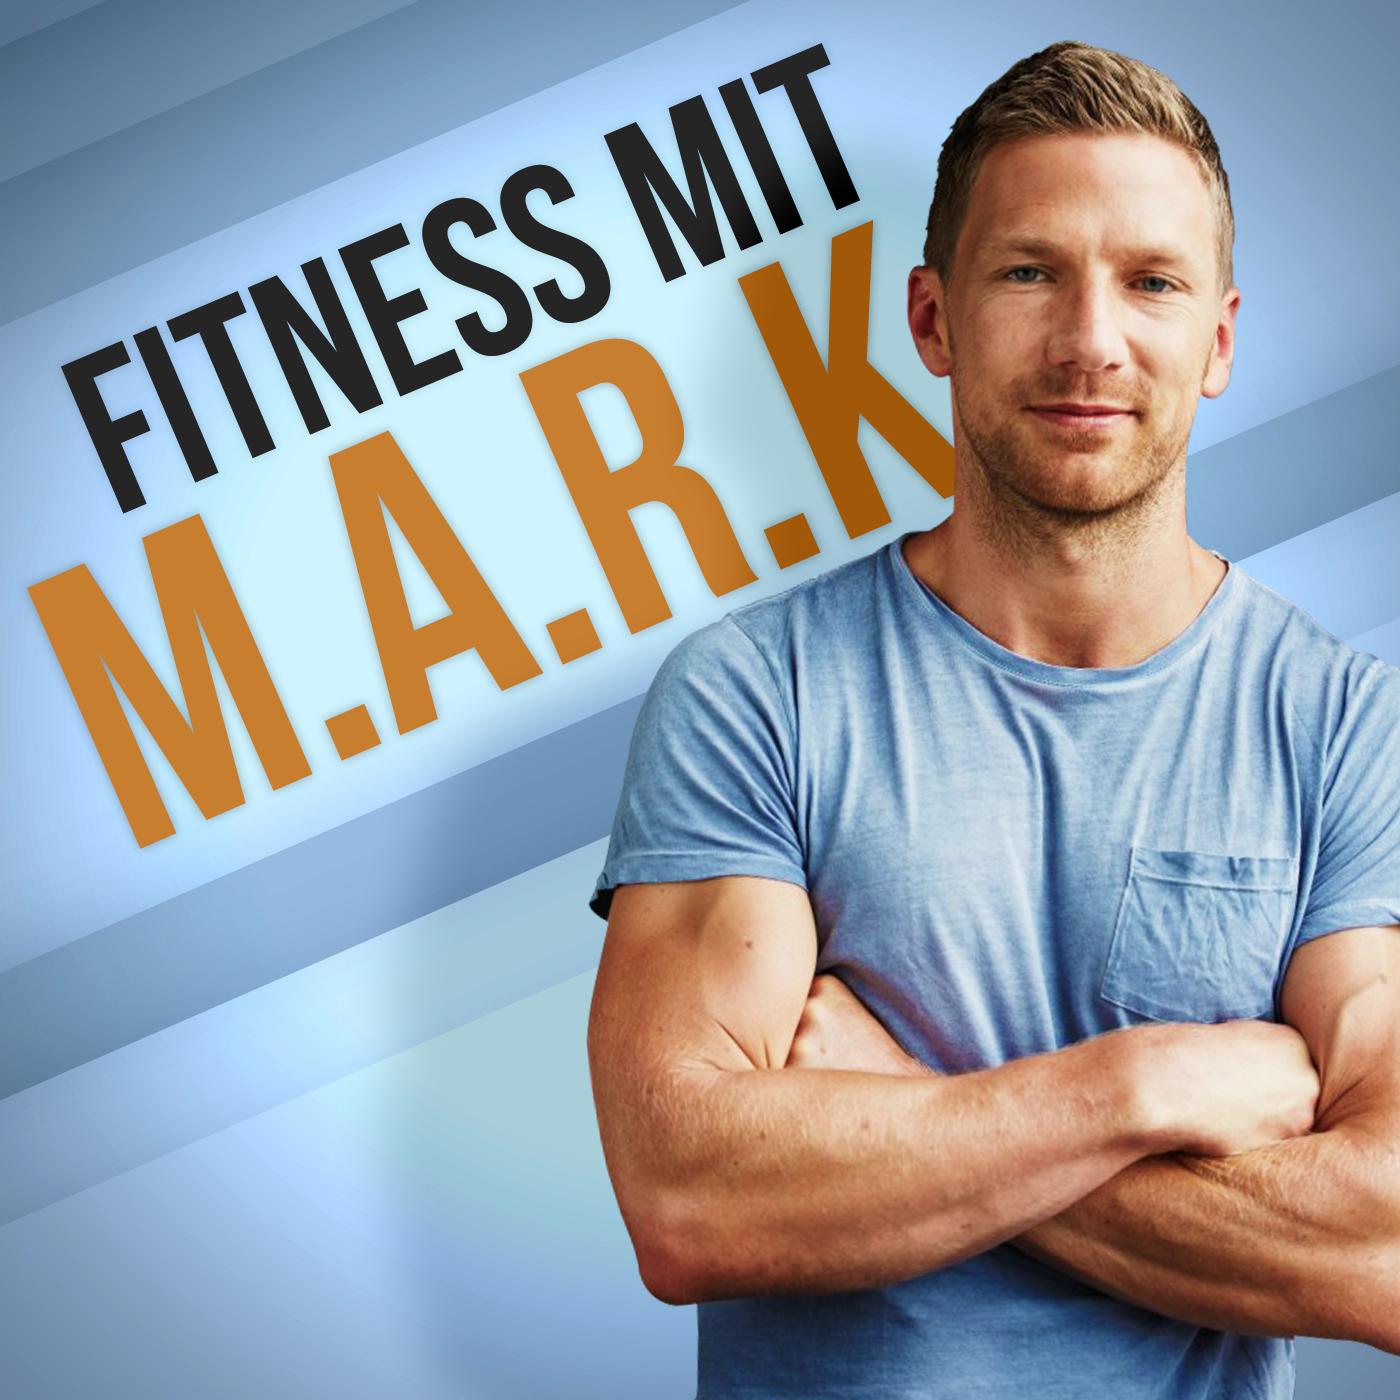 Fitness Mit Mark Dein Nackt Gut Aussehen Podcast übers